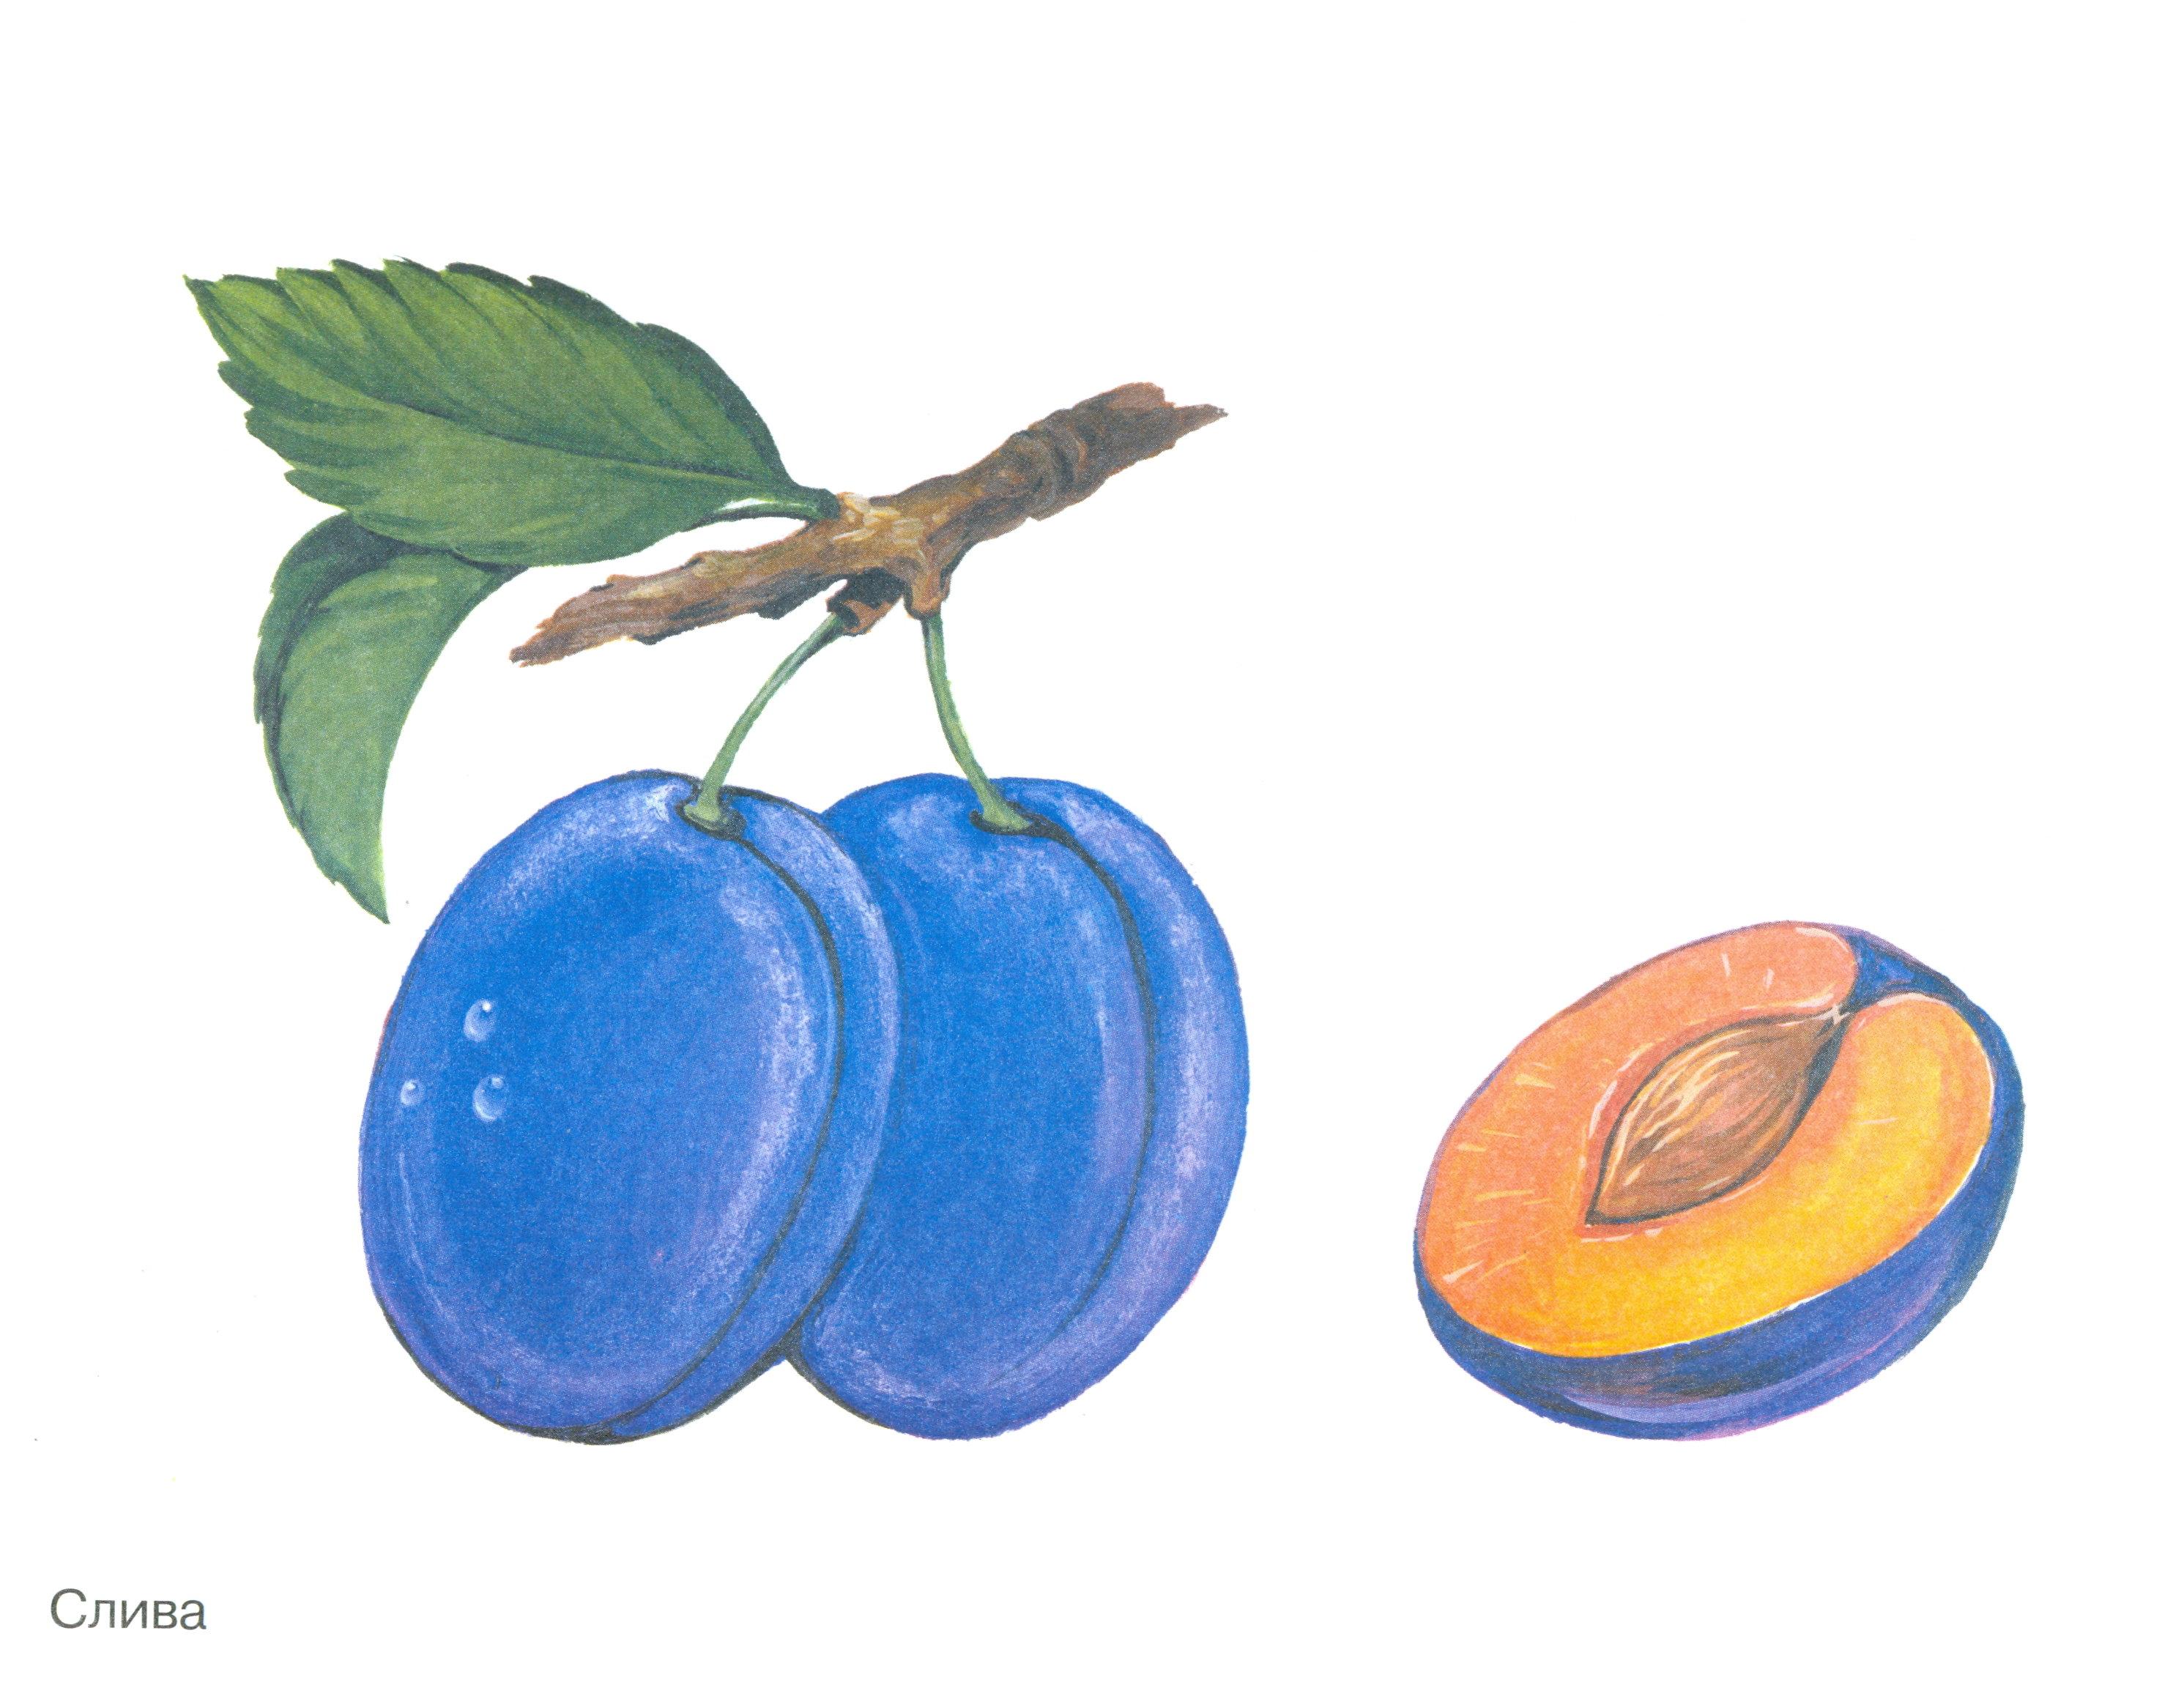 Картинки фруктов для детей нарисованные